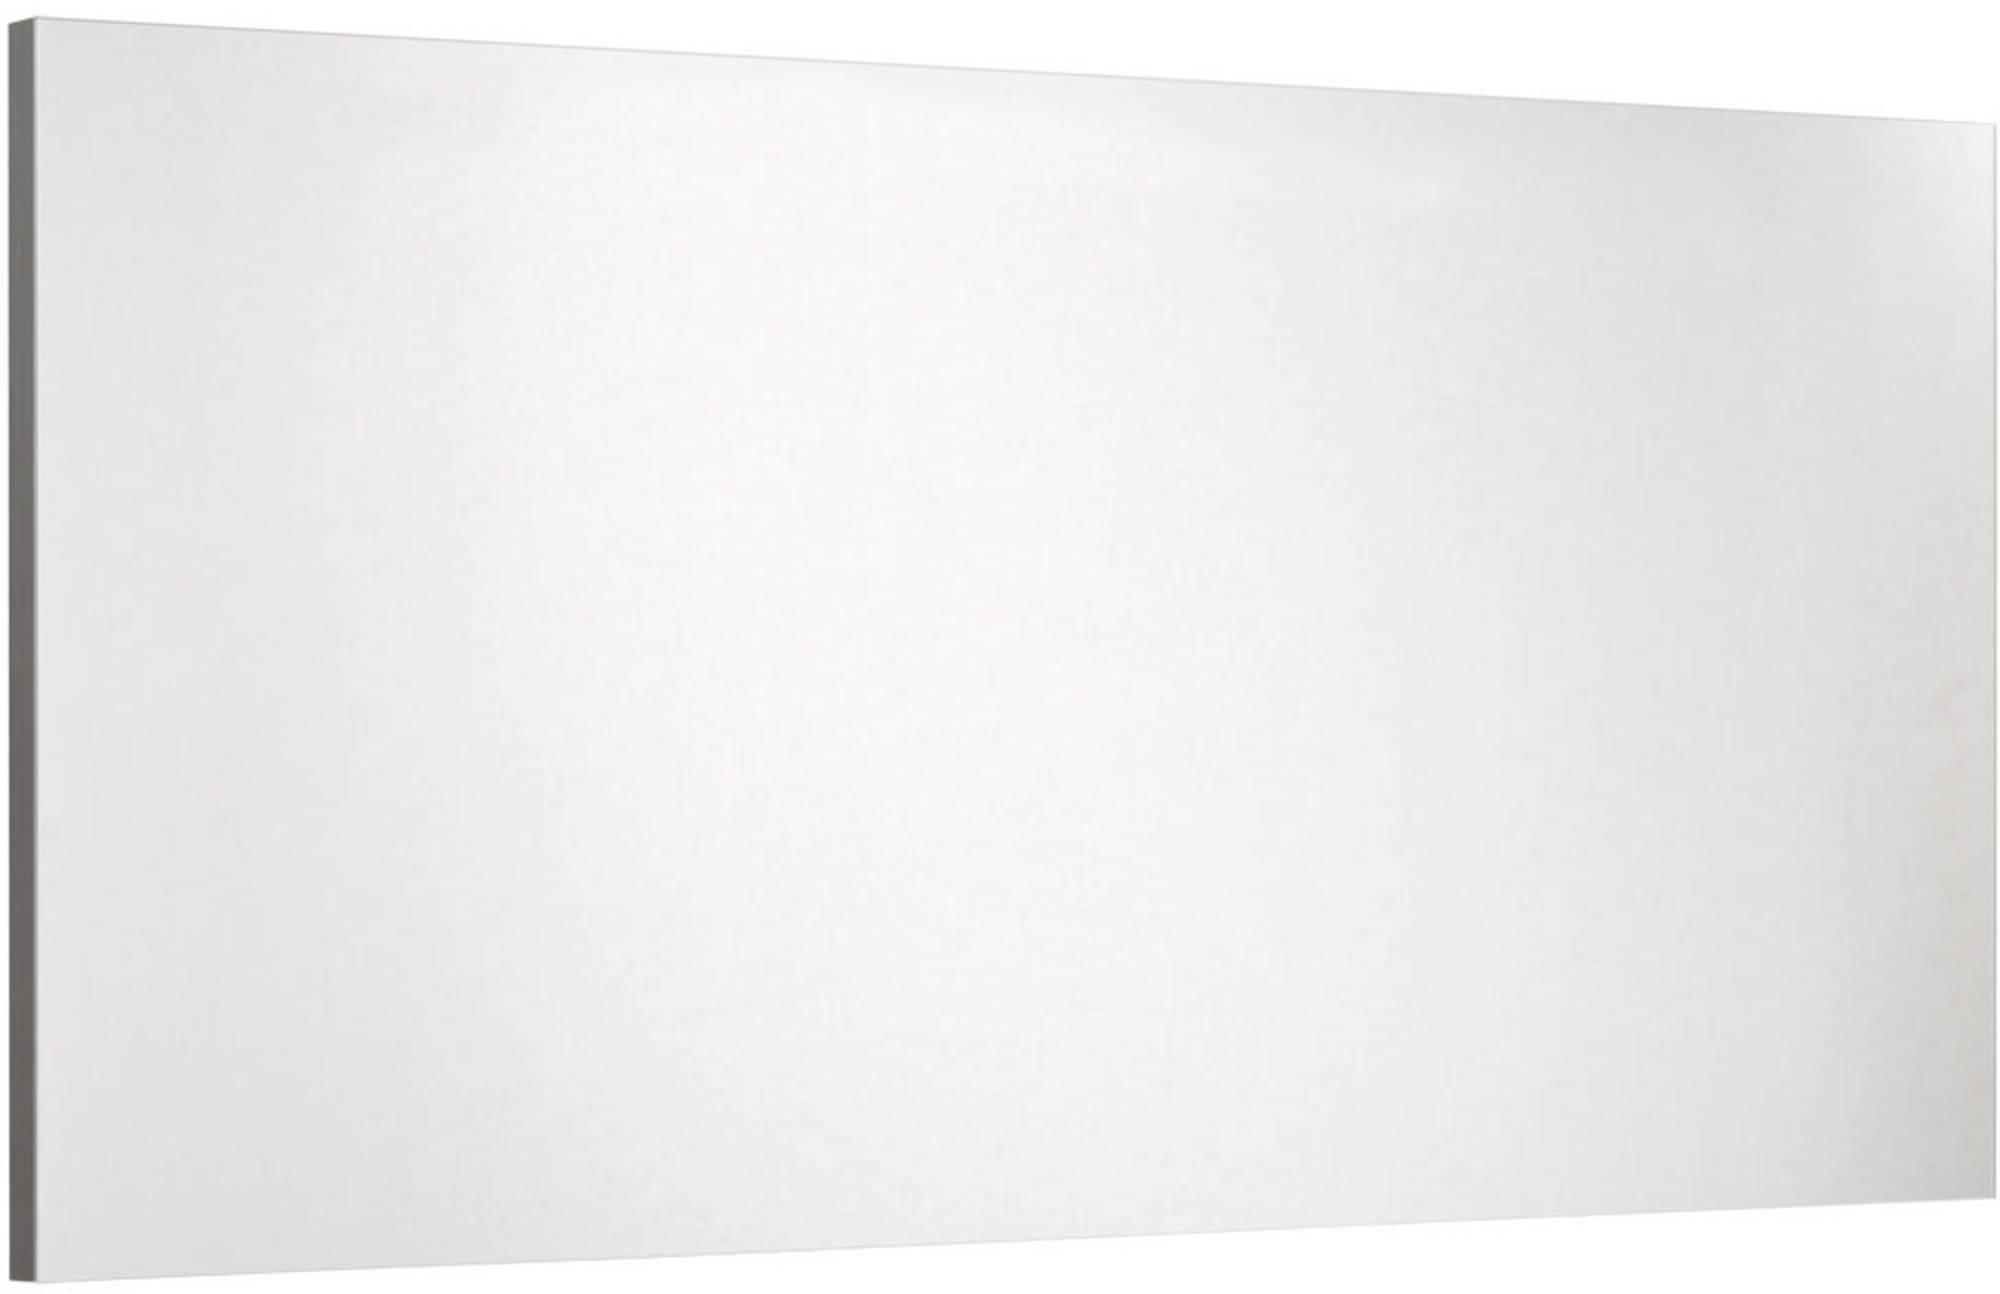 Saniselect Pirka spiegel inclusief schakelaar 120x75 cm